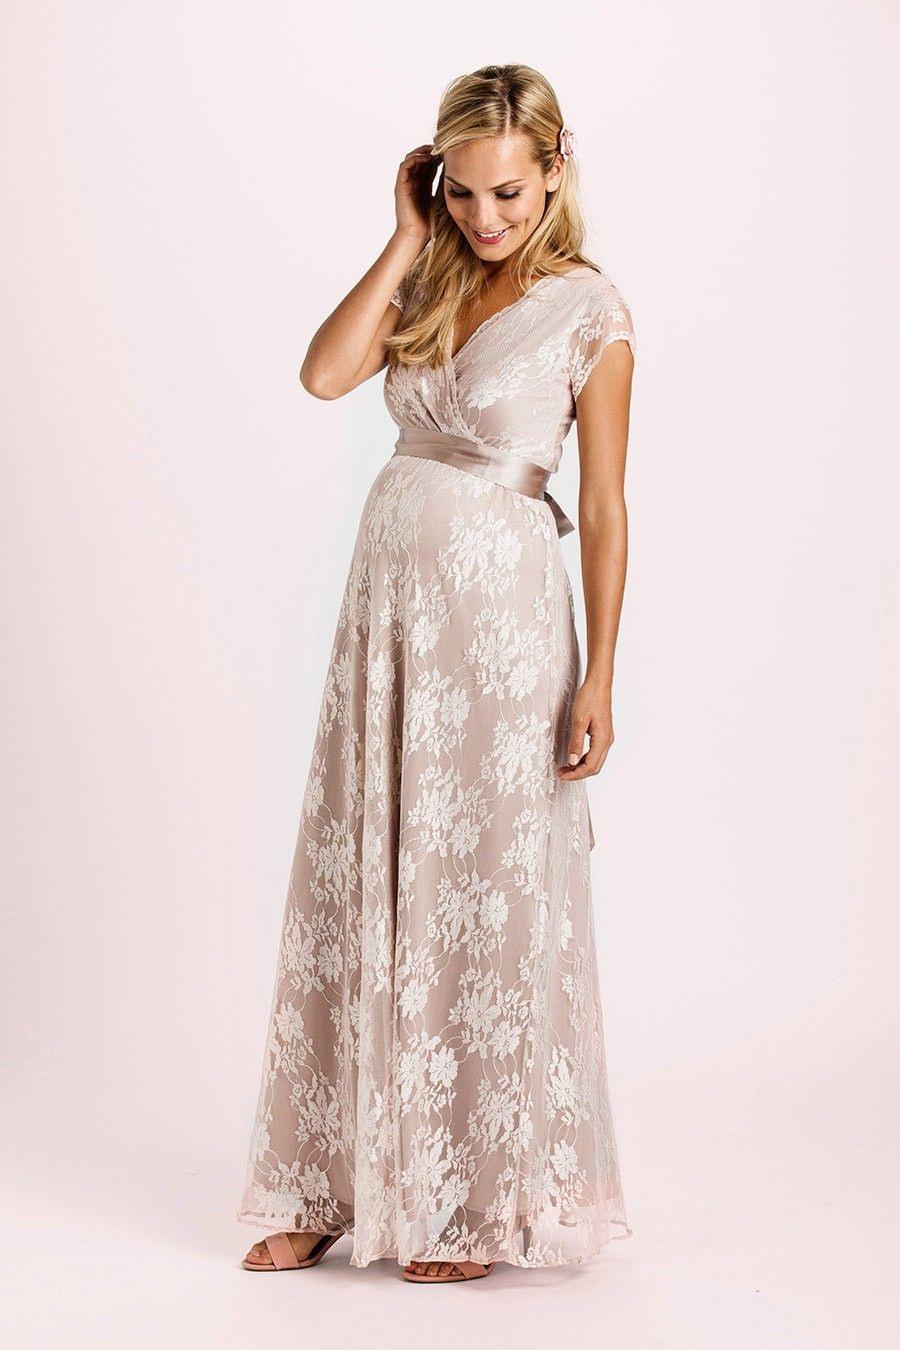 10 Perfekt Umstandsmode Abendkleider Ärmel15 Elegant Umstandsmode Abendkleider Stylish